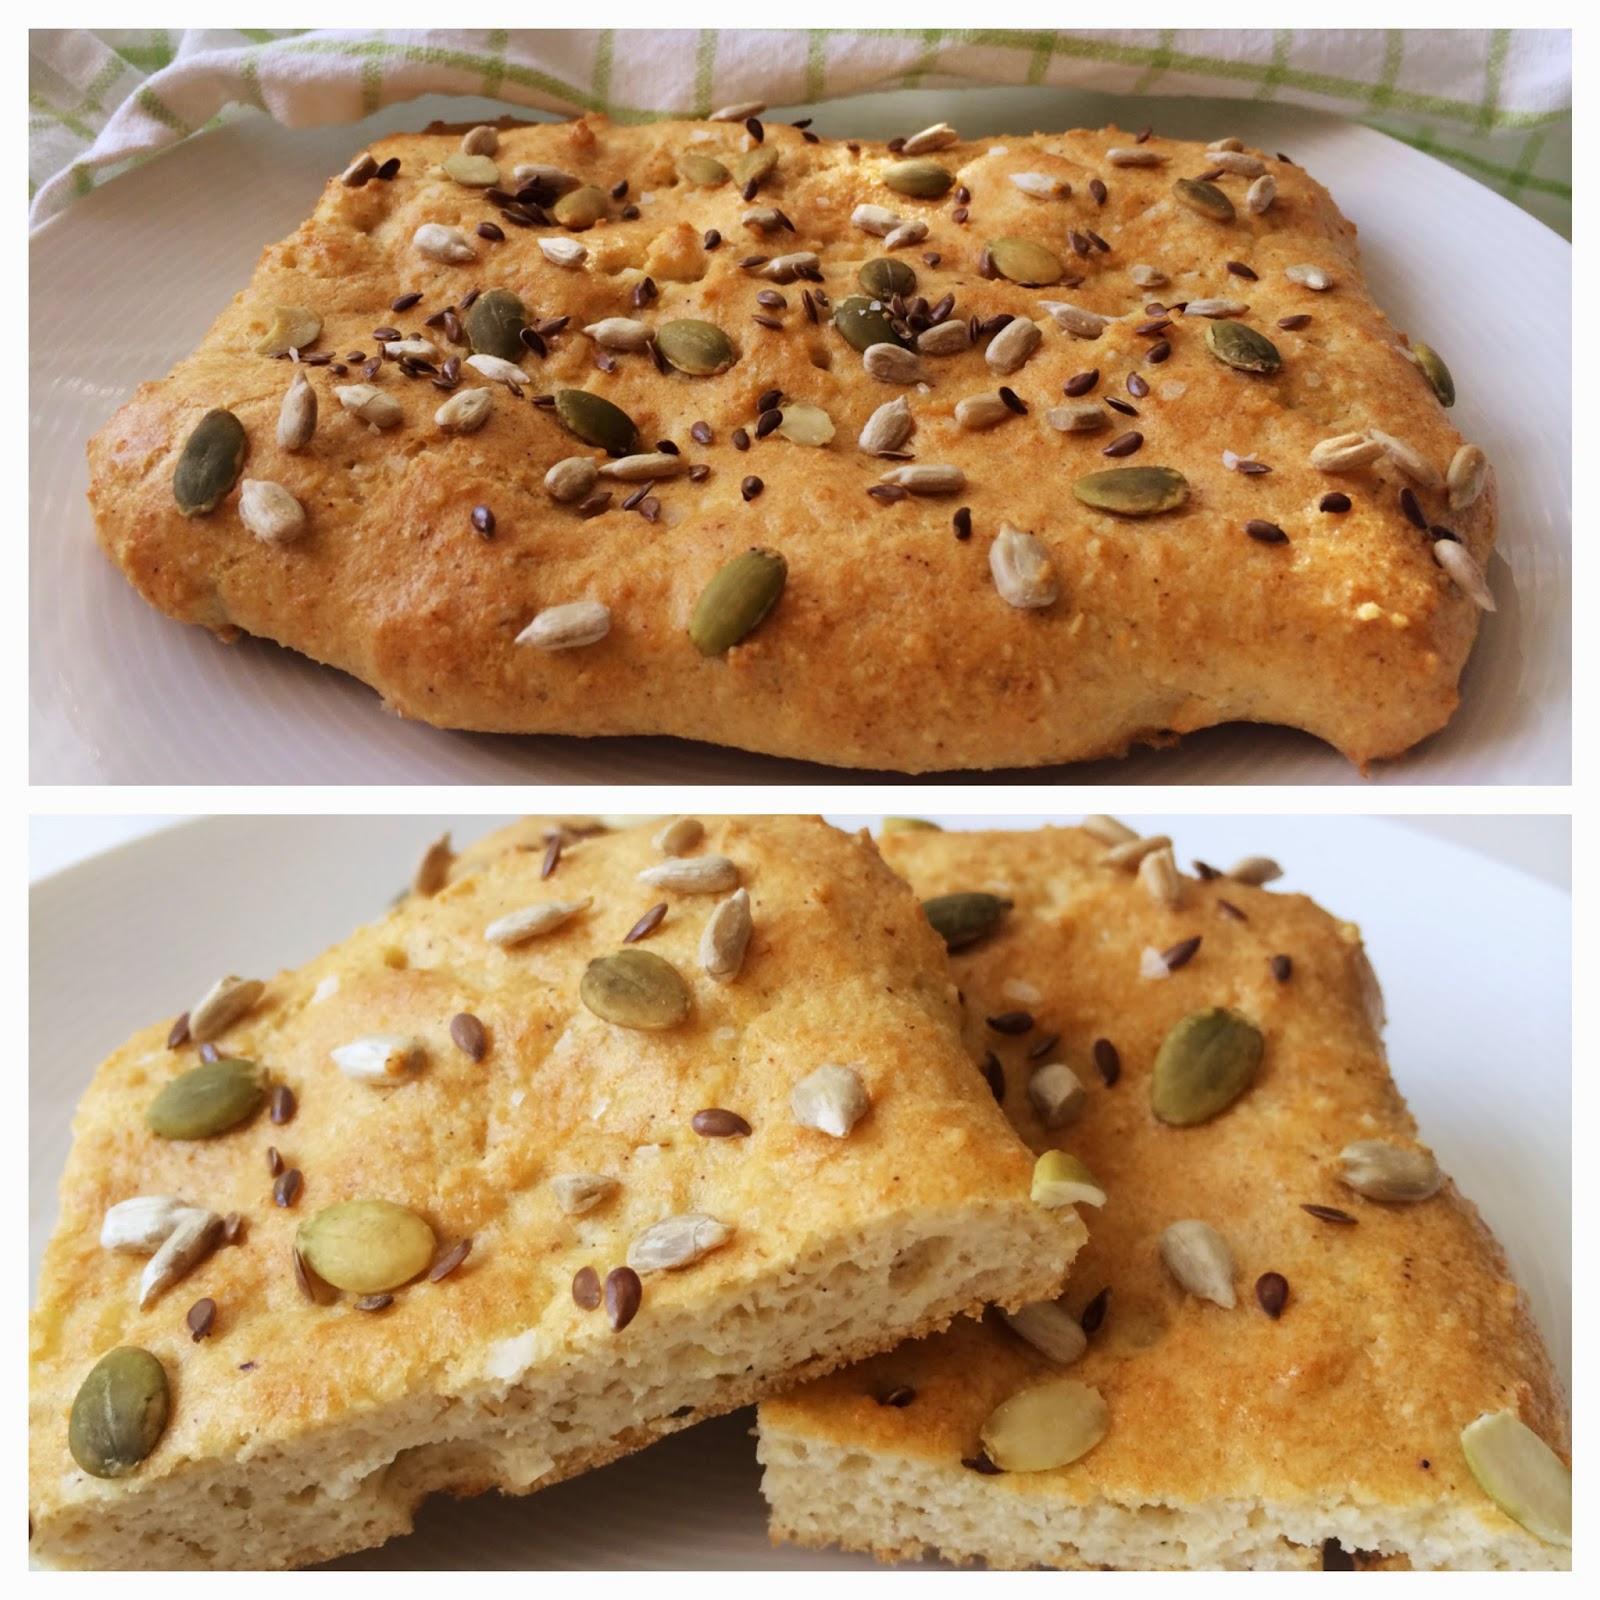 snabbt bröd bakpulver recept